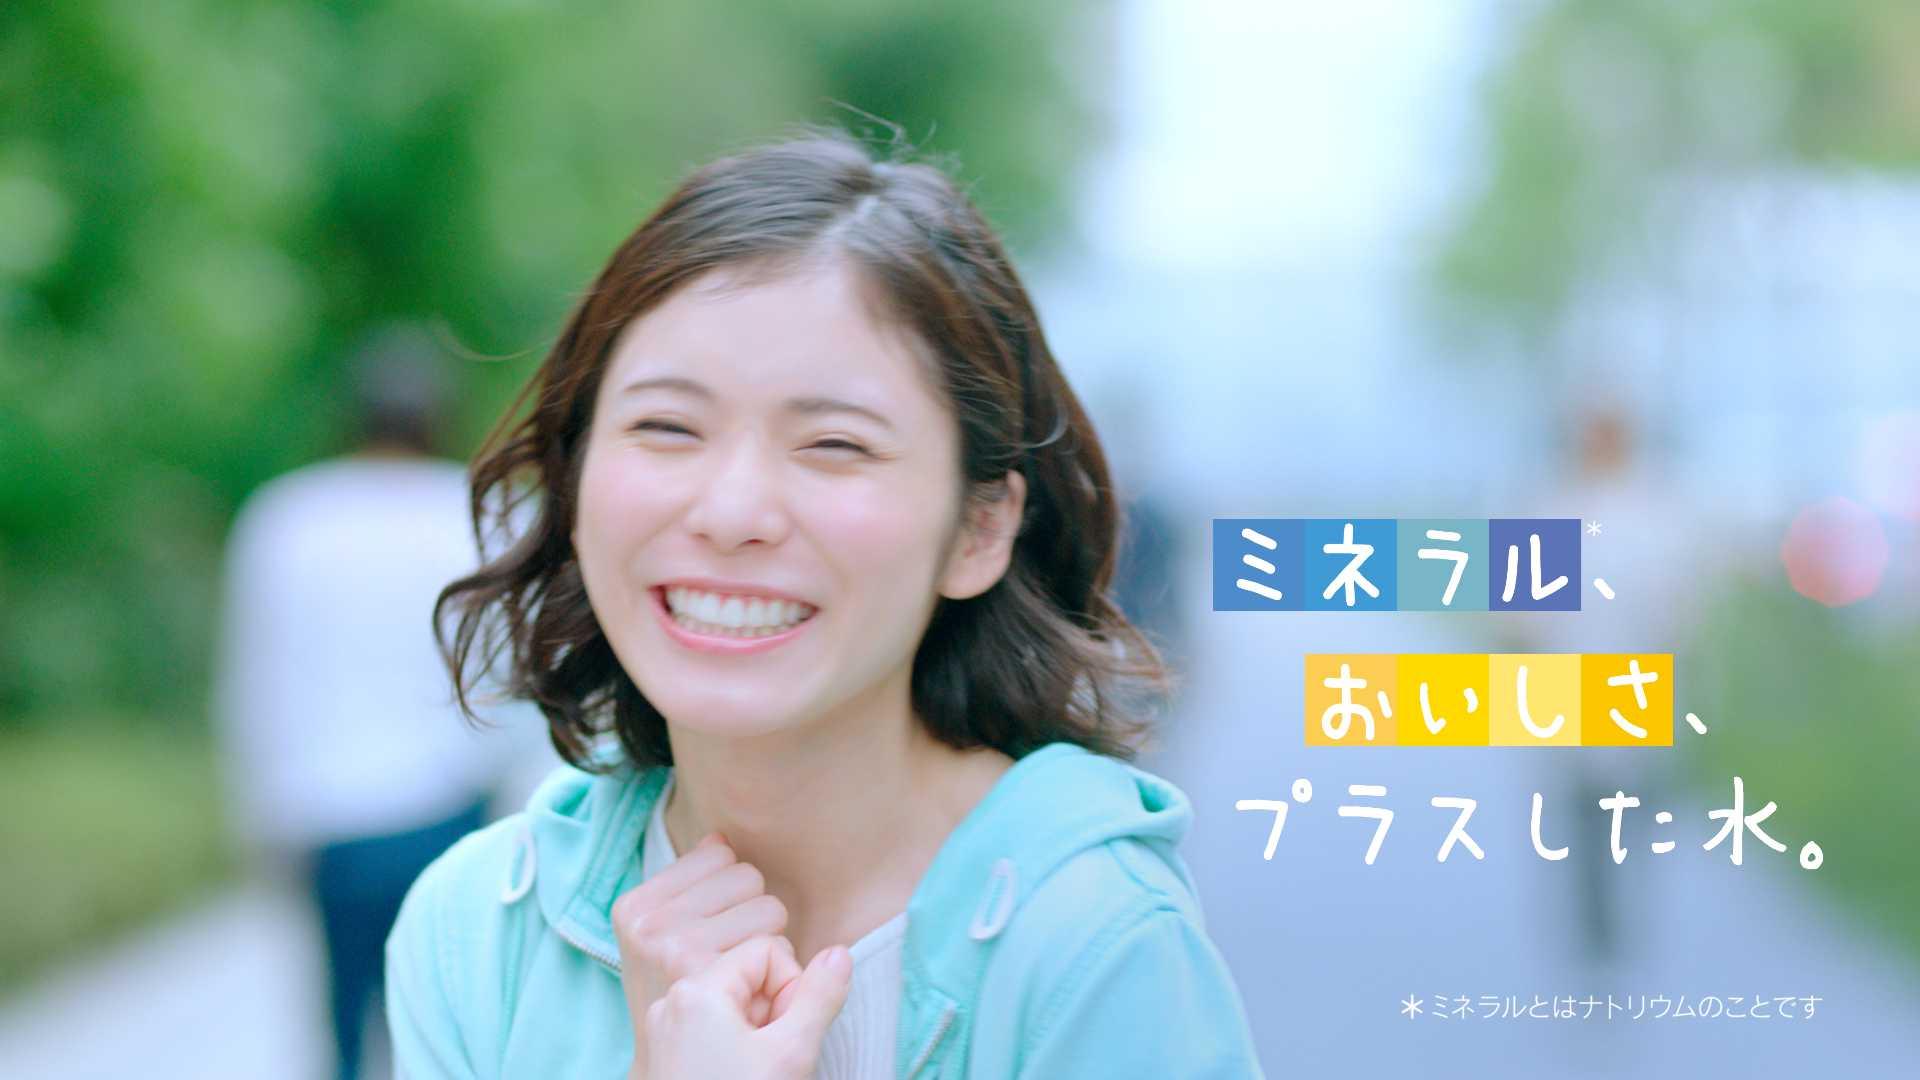 はじける様な笑顔の松岡茉優